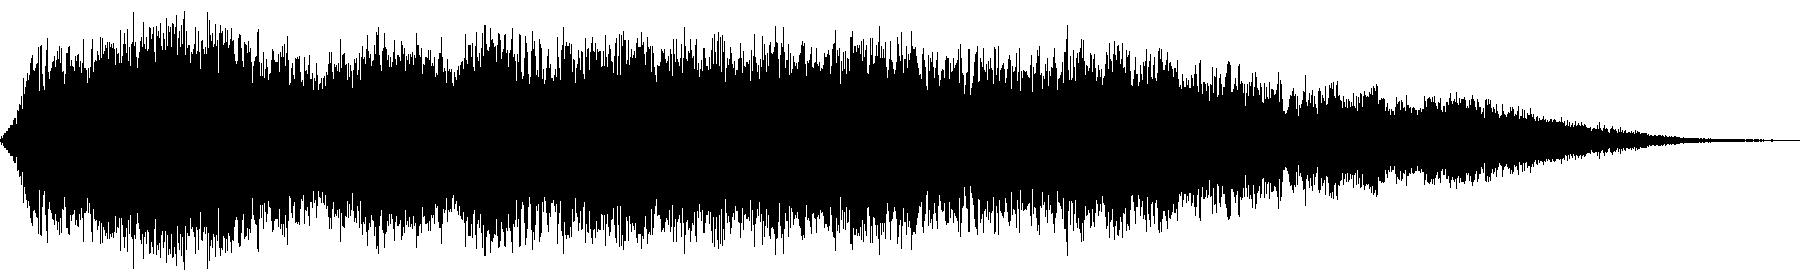 vfx1 atmos 40